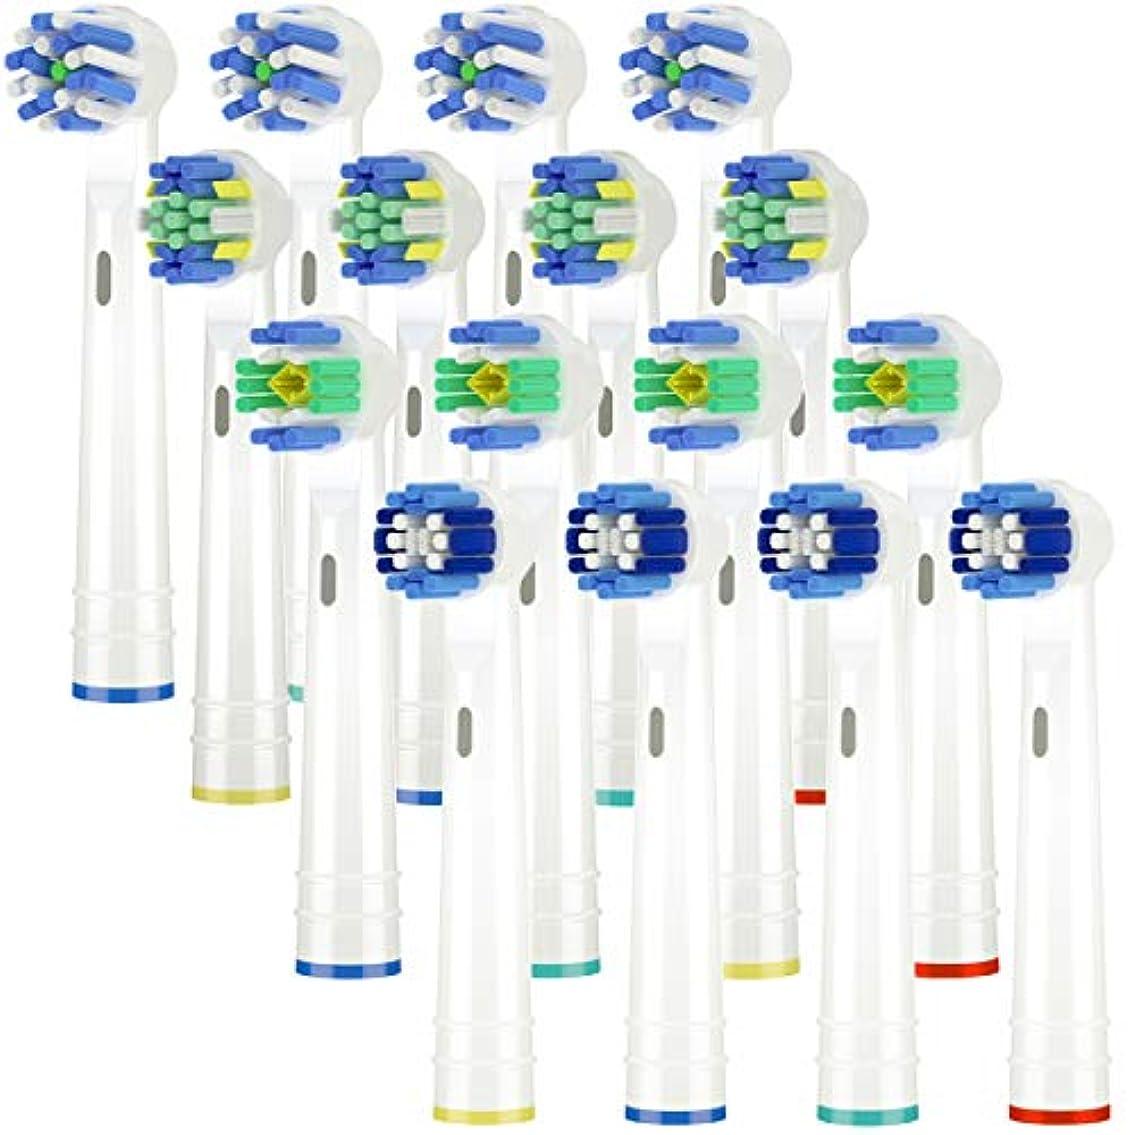 透けて見えるクリープアルミニウムItechnik 電動歯ブラシ 替えブラシ ブラウン オーラルB 対応 替えブラシ 4種類が入り:ホワイトニングブラシ 、ベーシックブラシ、歯間ワイパー付きブラシ、マルチアクションブラシ 凡用な16本